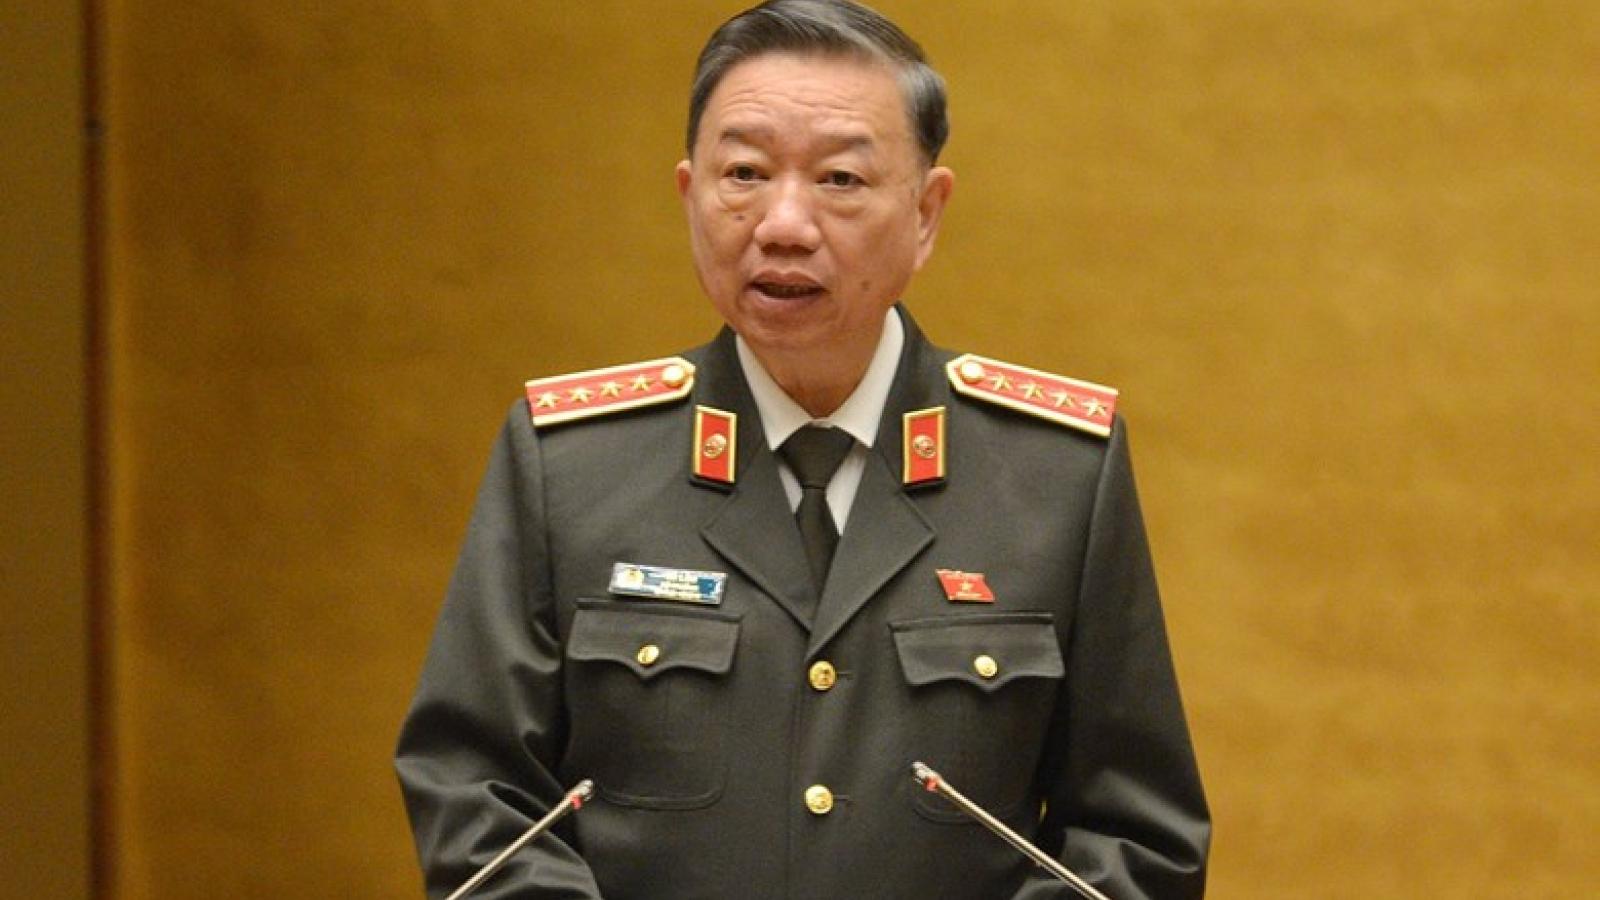 """Bộ trưởng Tô Lâm: """"Bộ Công an không ngại quản lý cơ sở cai nghiện"""""""